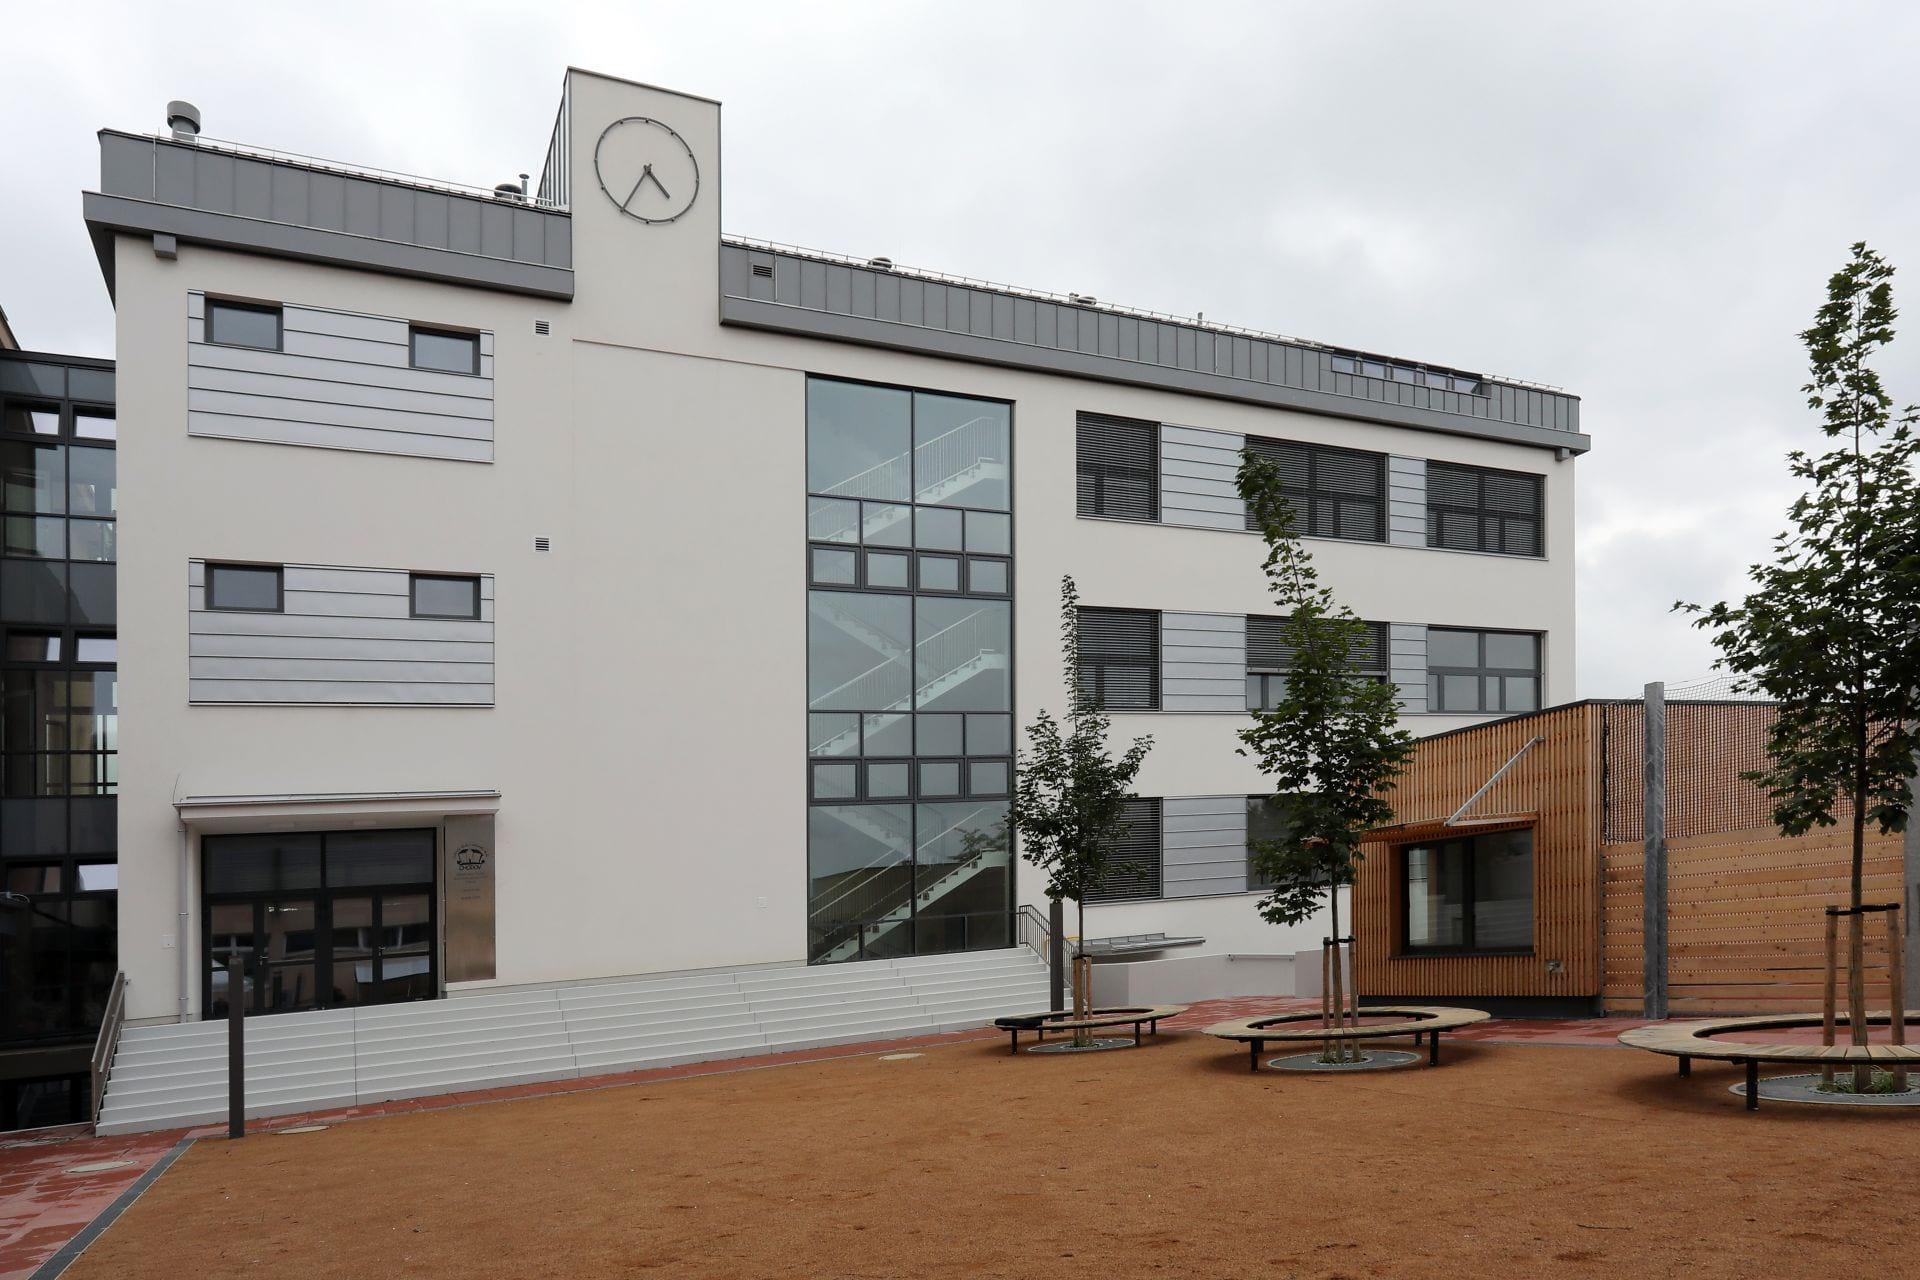 Základní škola Chodov - předání